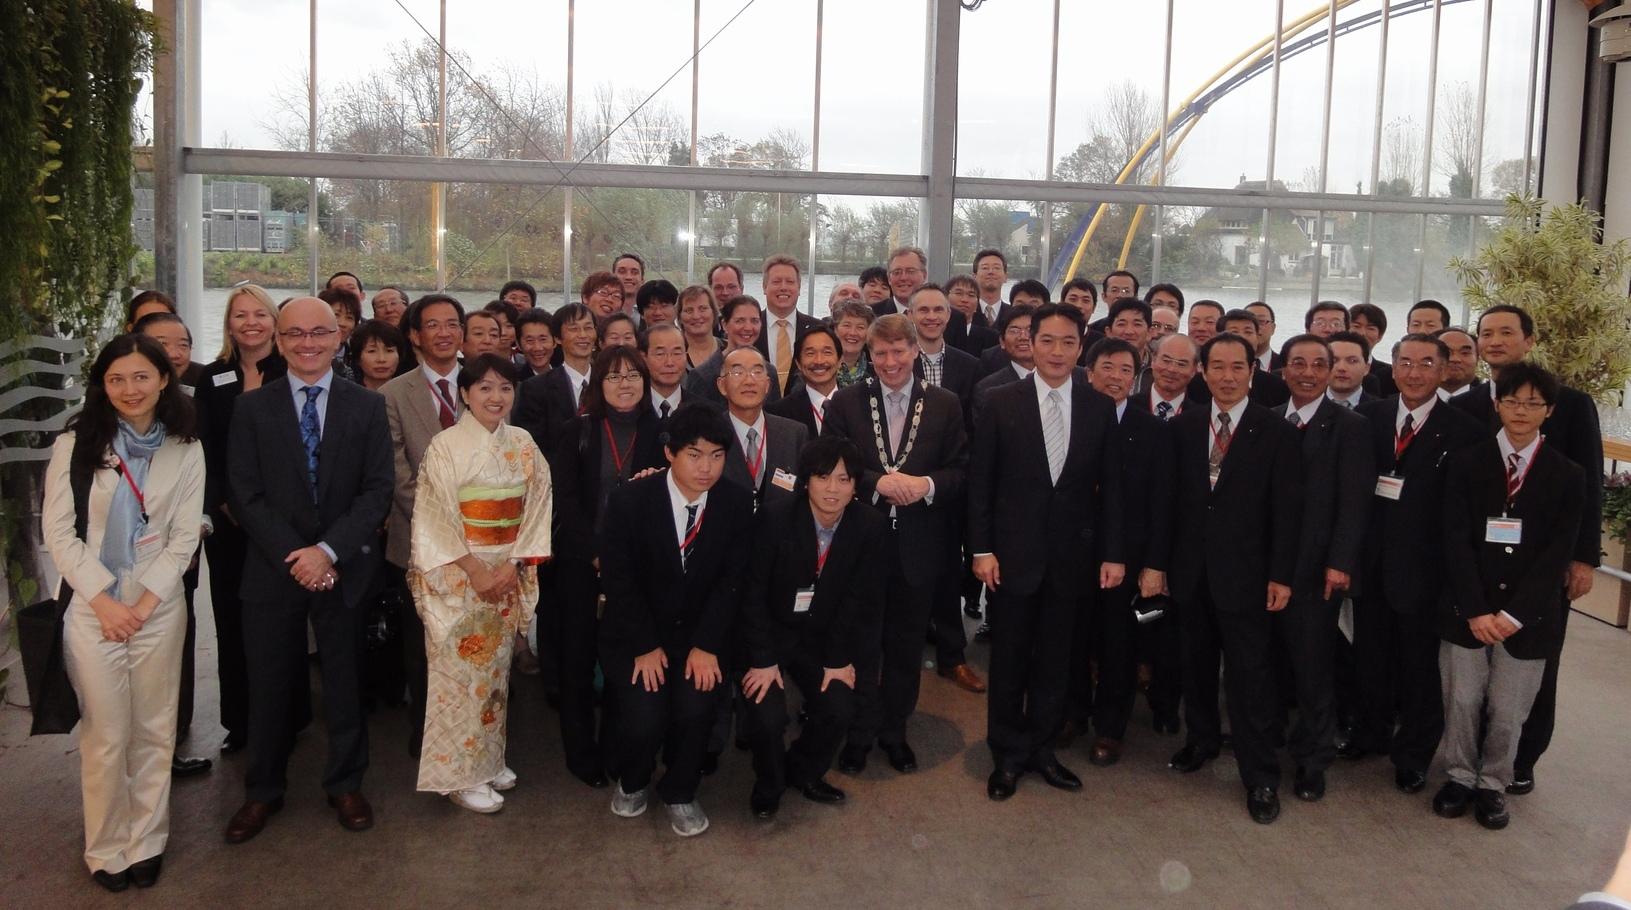 高知県とオランダ・ウェストラント市 友好園芸農業協定調印(2009/12/2)